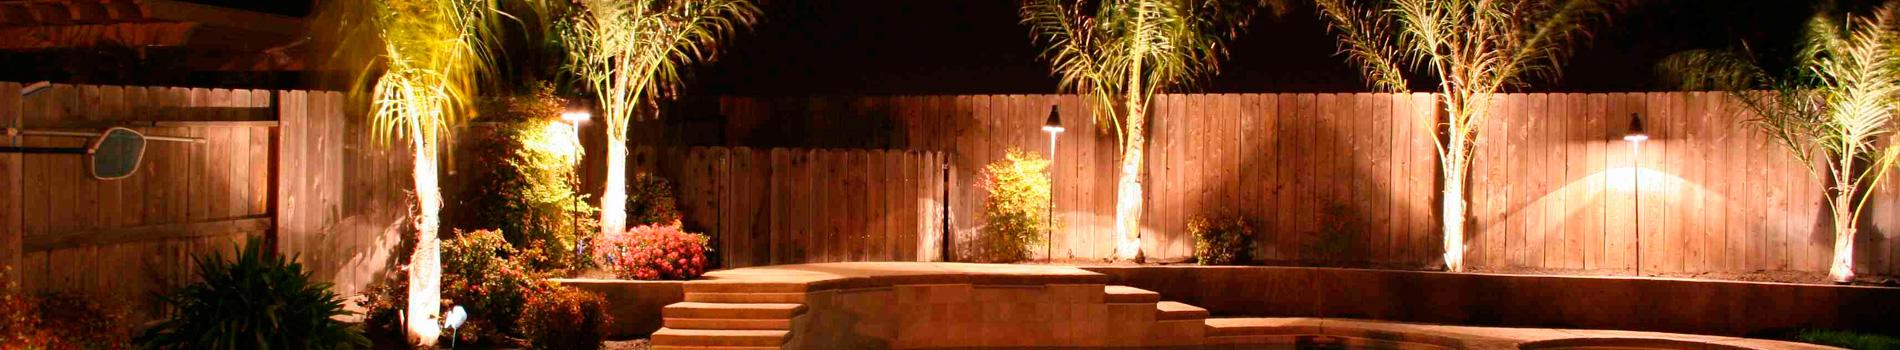 Lumipro iluminacion de exterior monterrey iluminacion para - Iluminacion para jardines ...